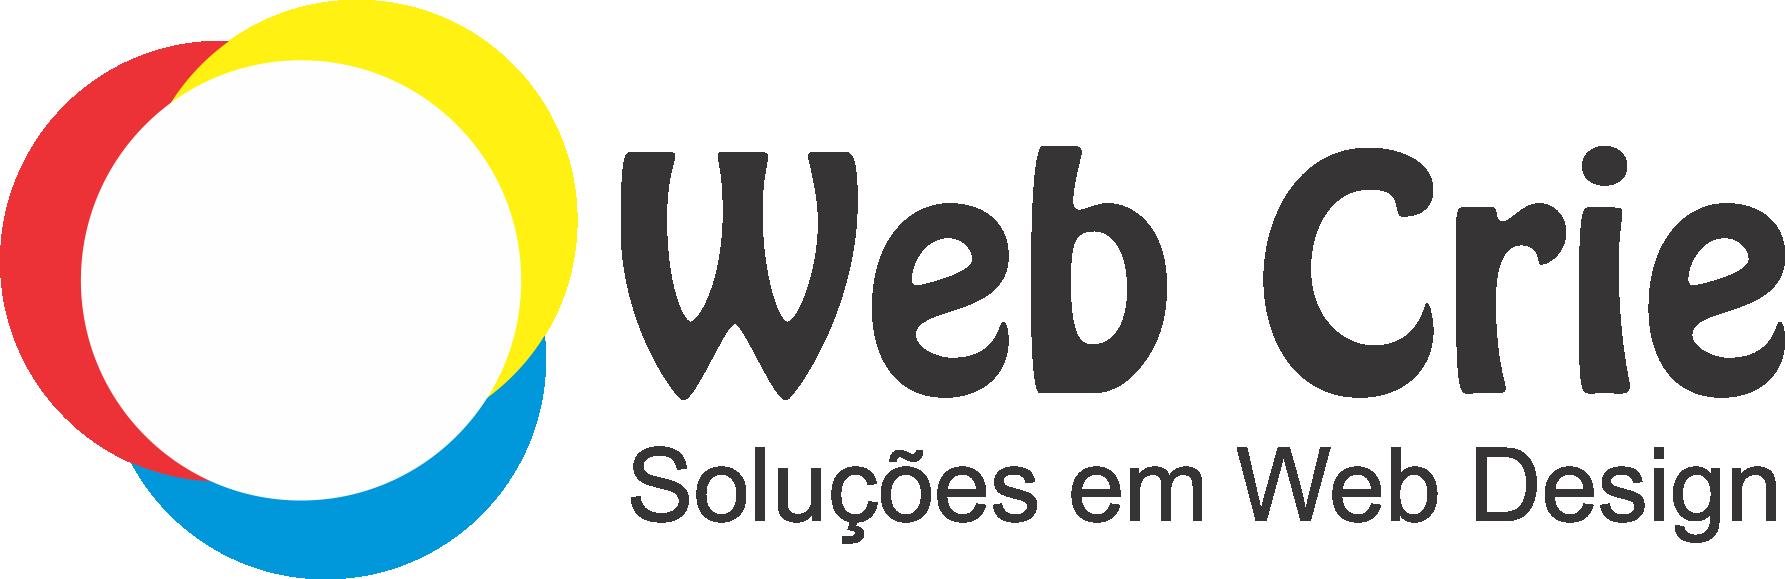 Web Crie - Soluções em Webdesign